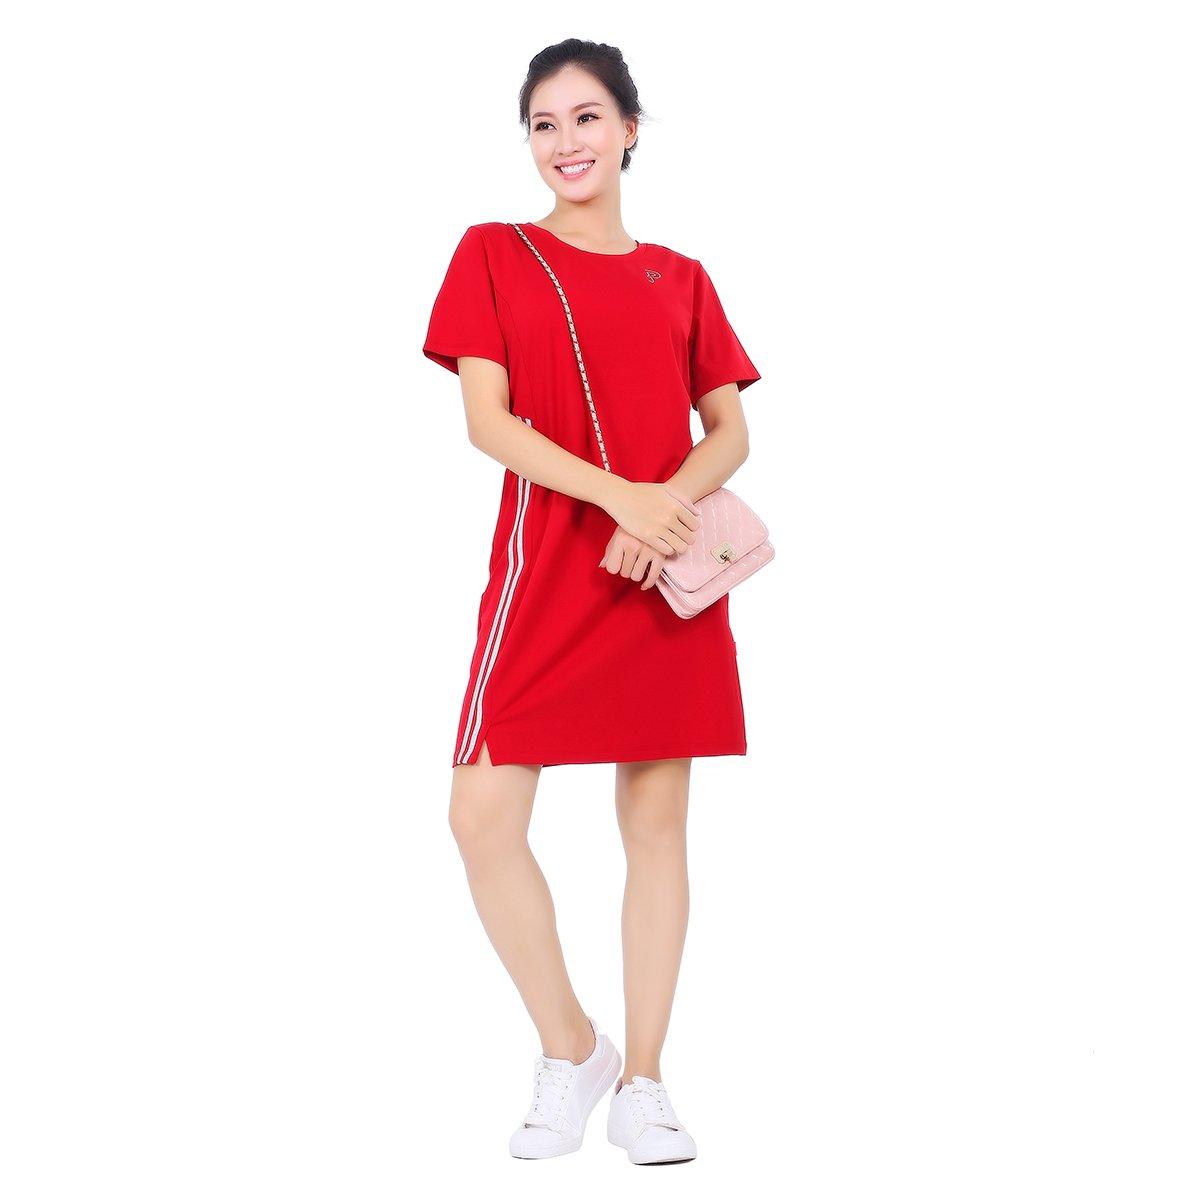 Váy đầm áo đầm tay ngắn cao cấp paltal addtn 022p 2047